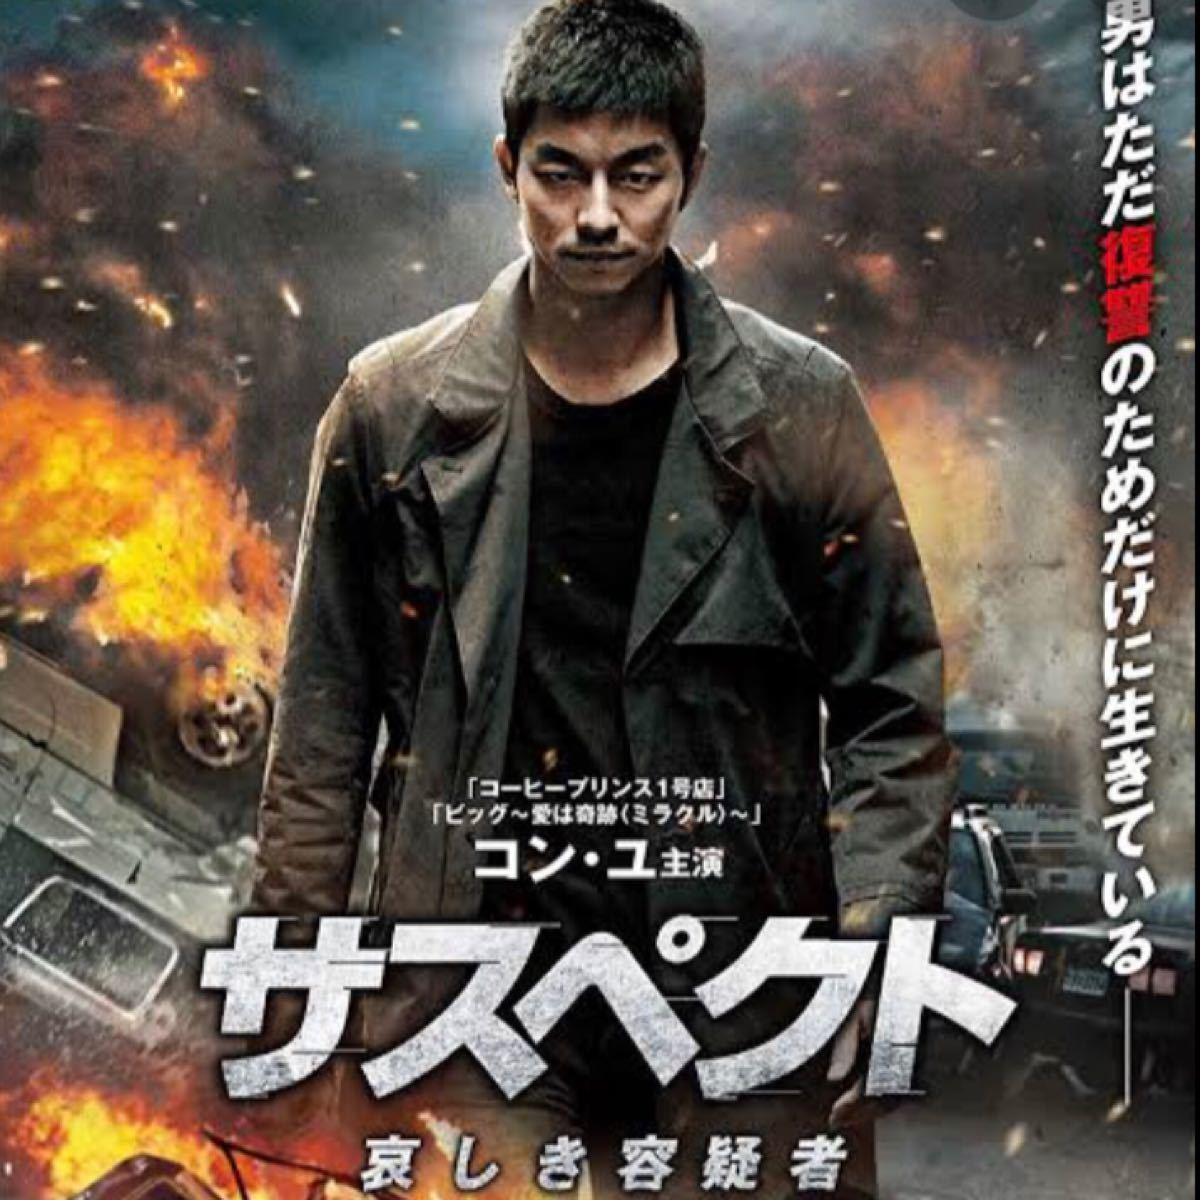 韓国映画  サスペクト  コン・ユ  DVD  日本語吹替有り  レーベル有り